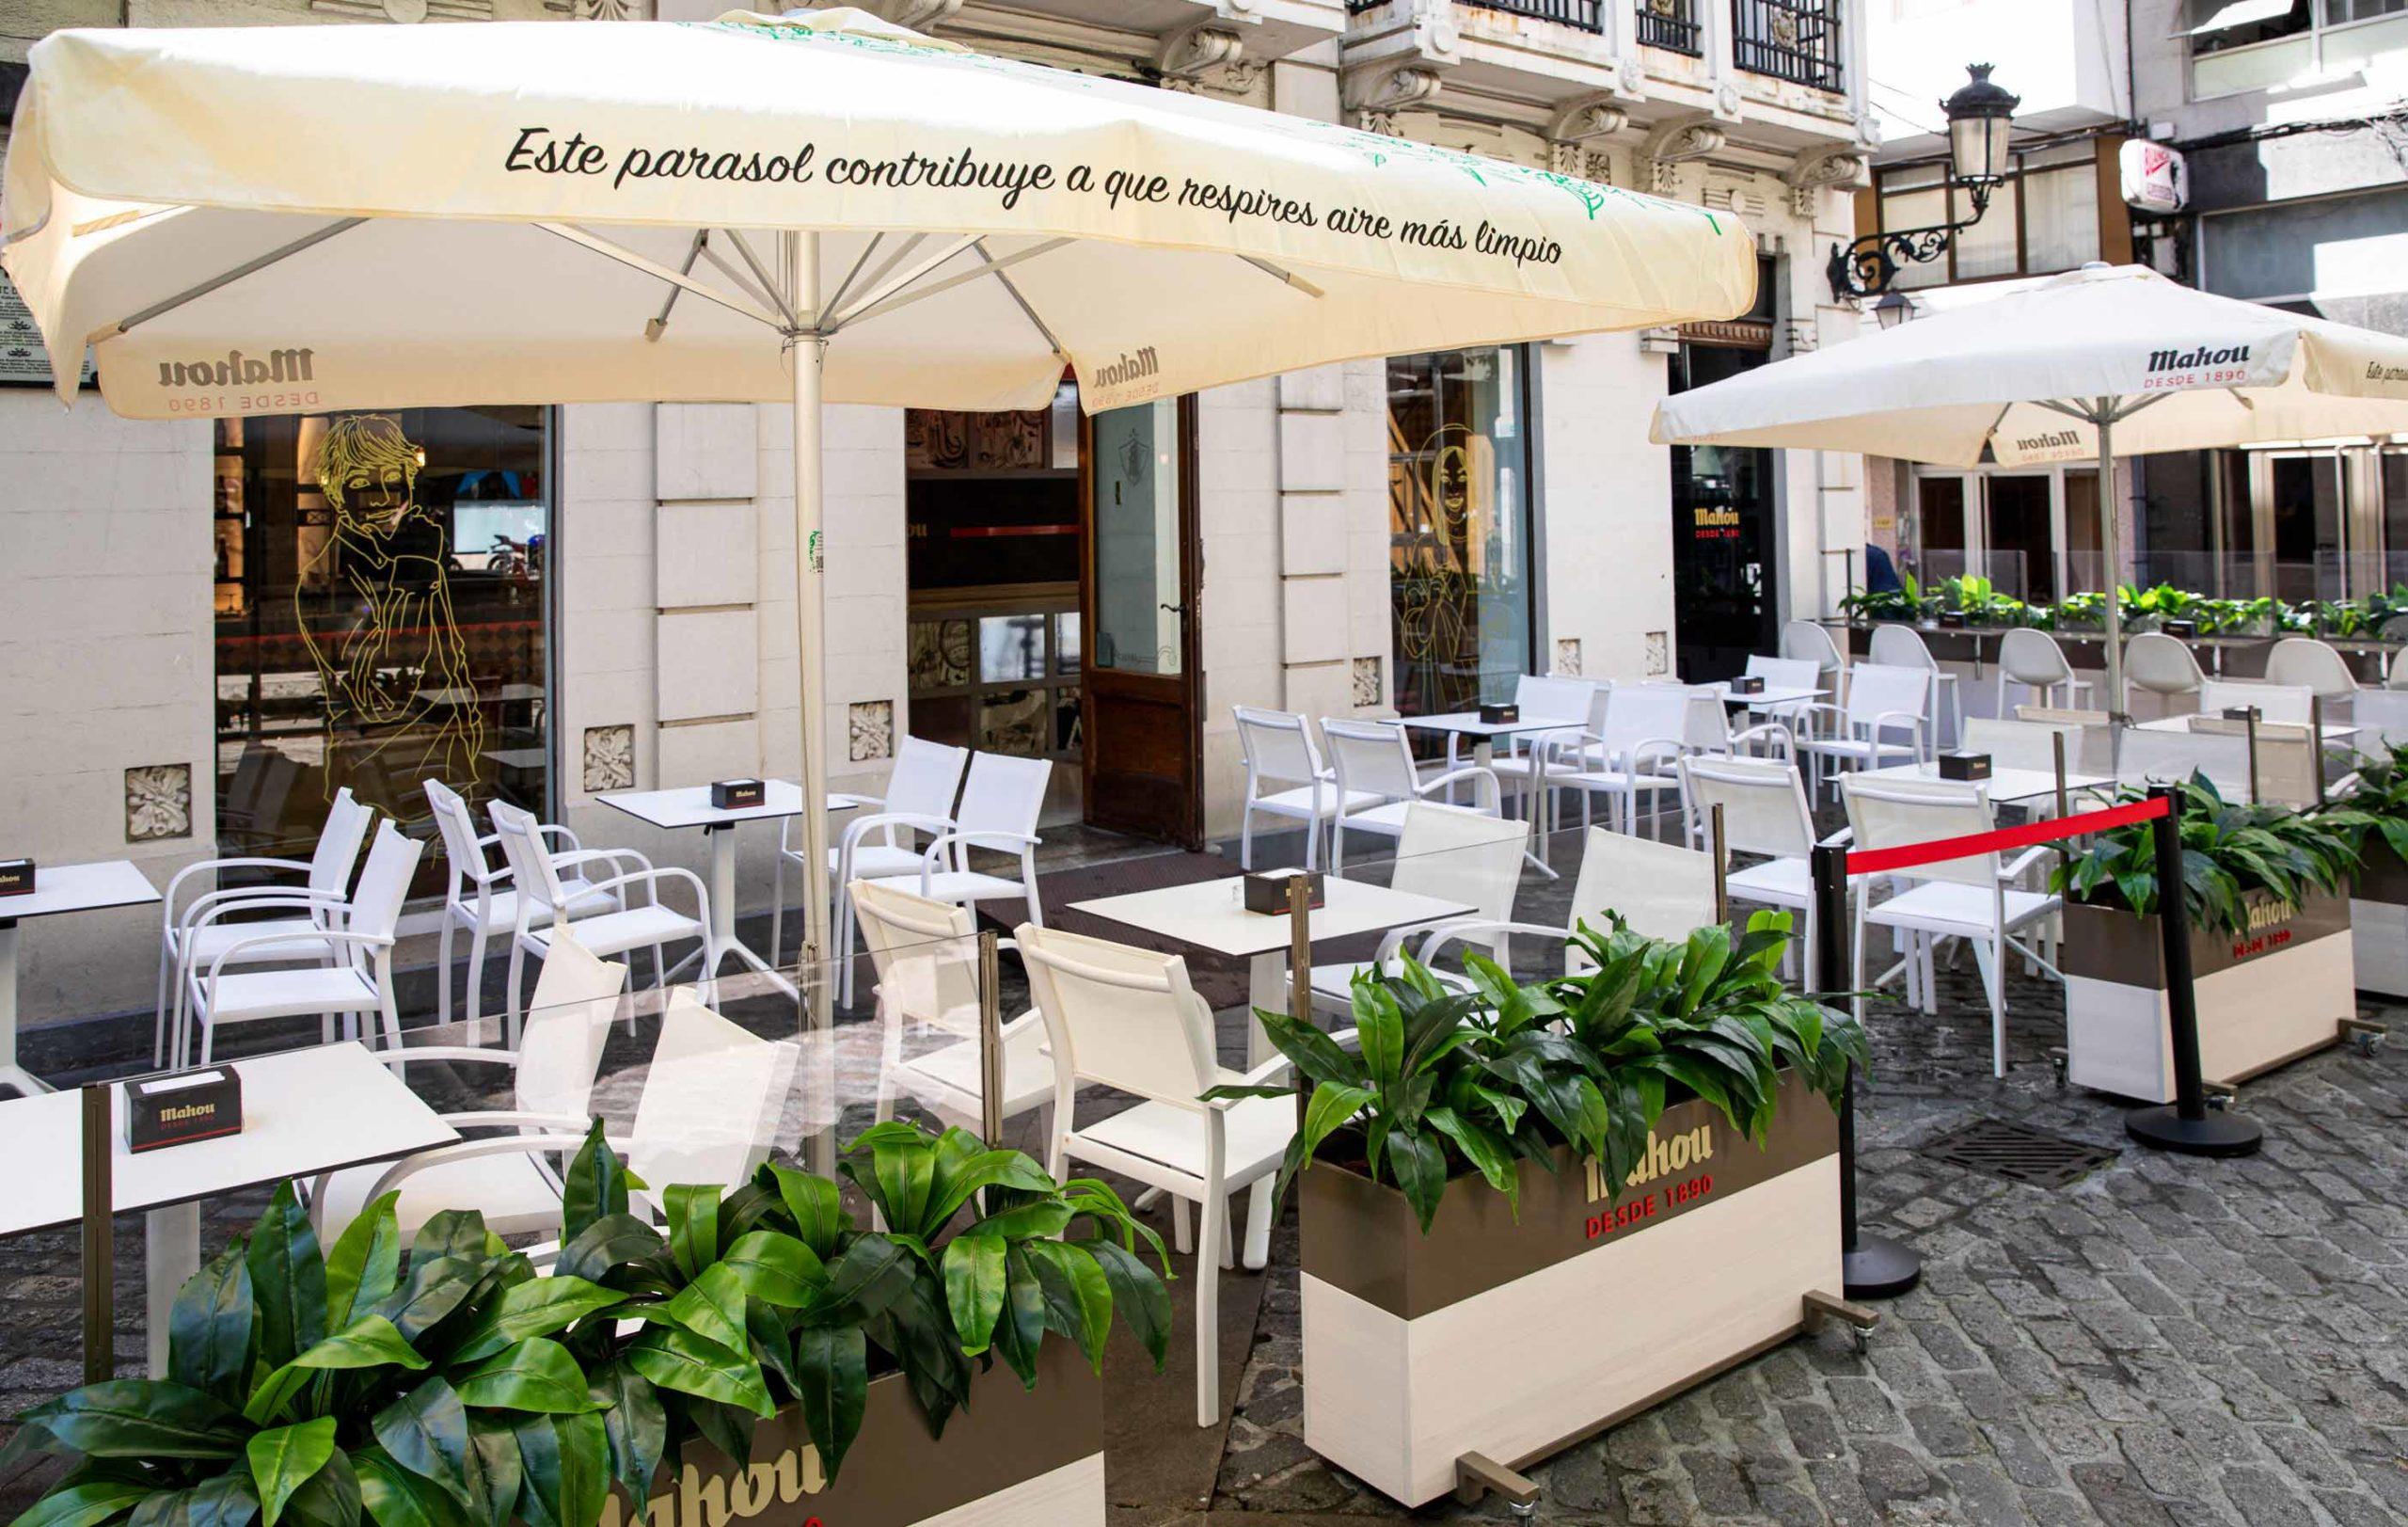 Mahou San Miguel ayudó con más de 12 millones de euros en 2020 a la Hostelería gallega